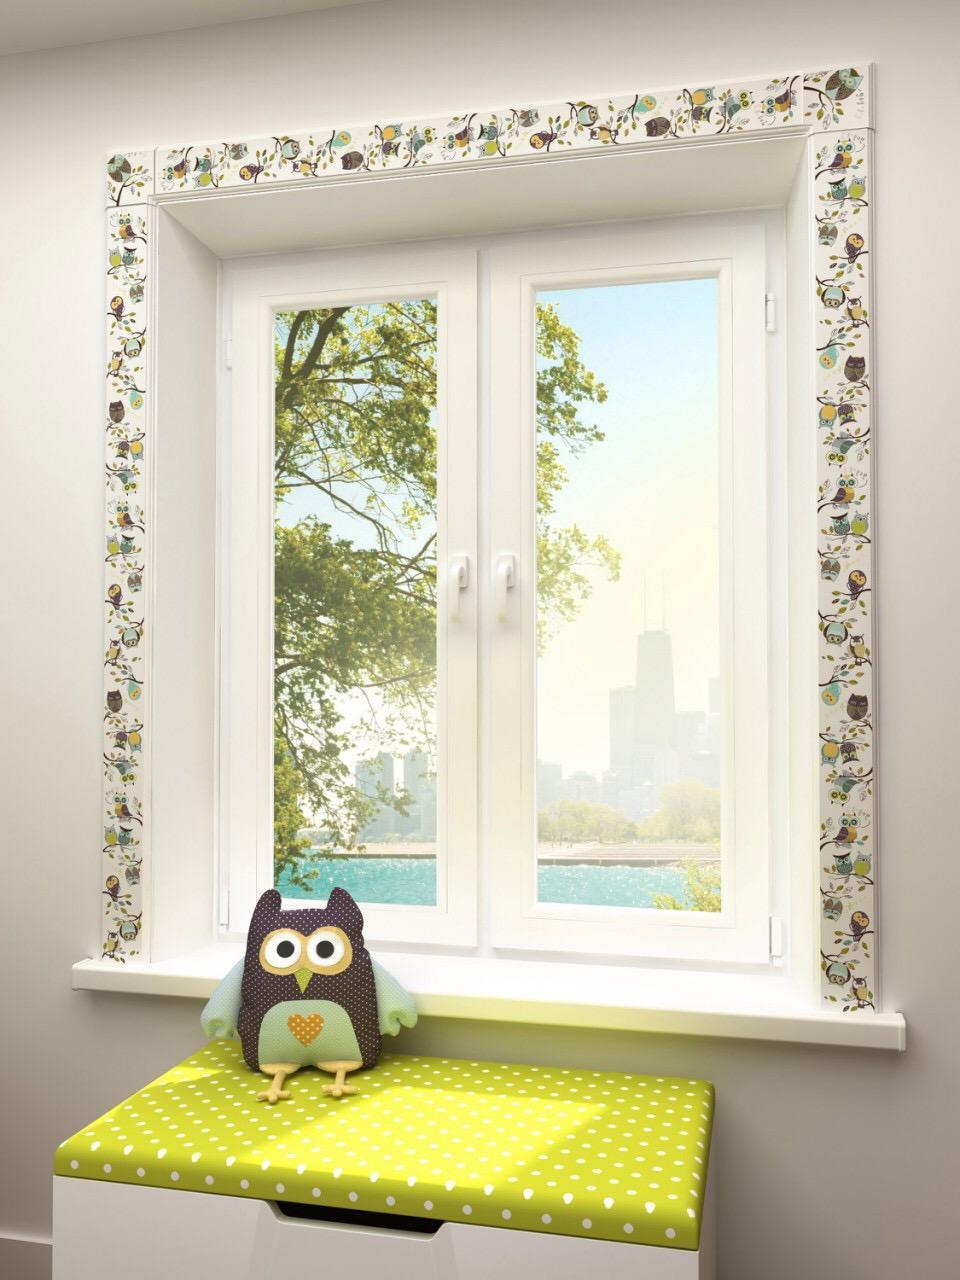 Фото № 10: Обойдемся без штор? Как декорировать окна: 15 идей оформления